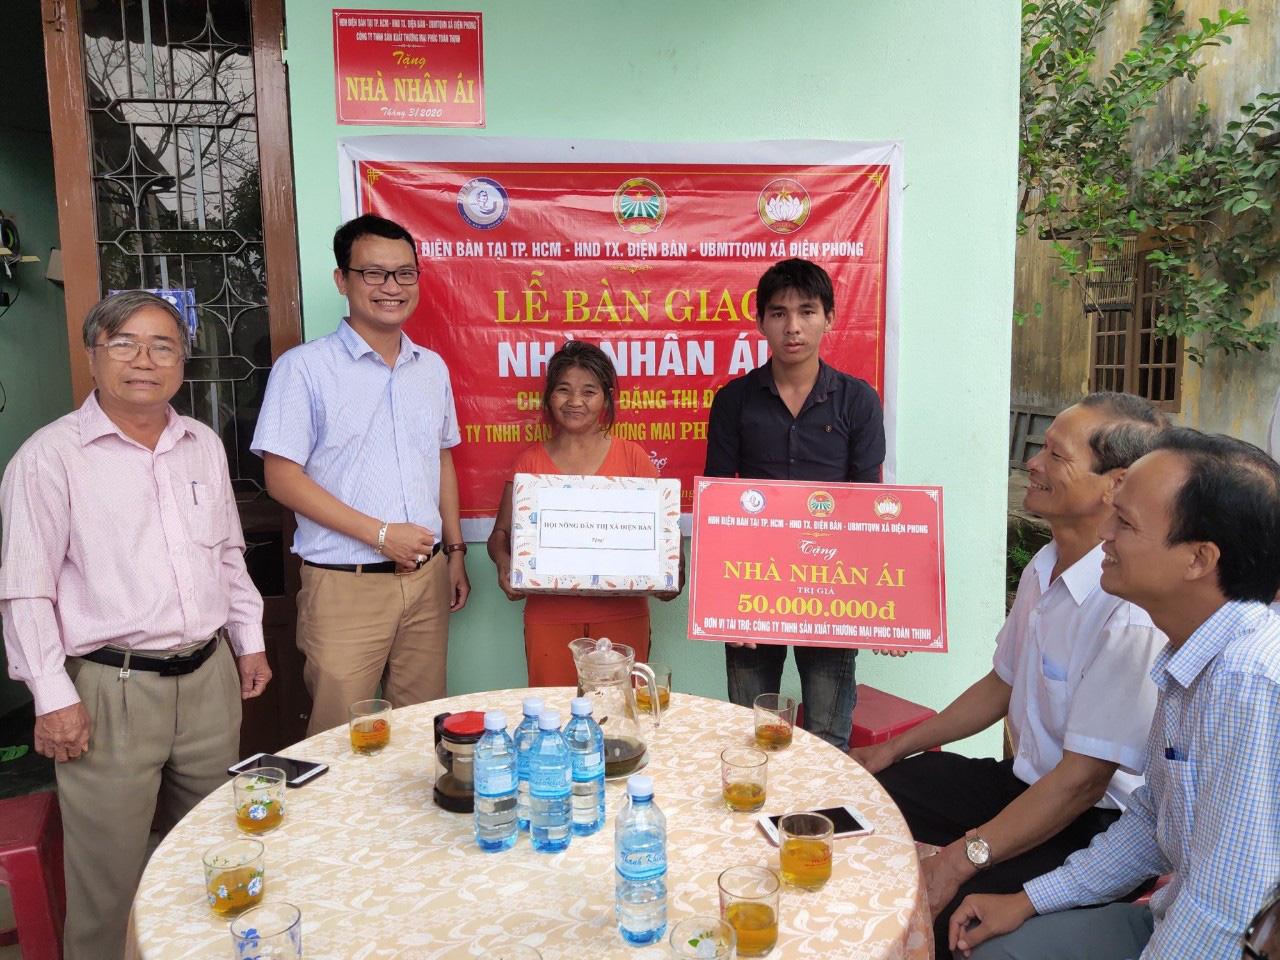 Quảng Nam: Hội Nông dân thị xã Điện Bàn đã làm gì mà dẫn đầu toàn tỉnh  - Ảnh 1.